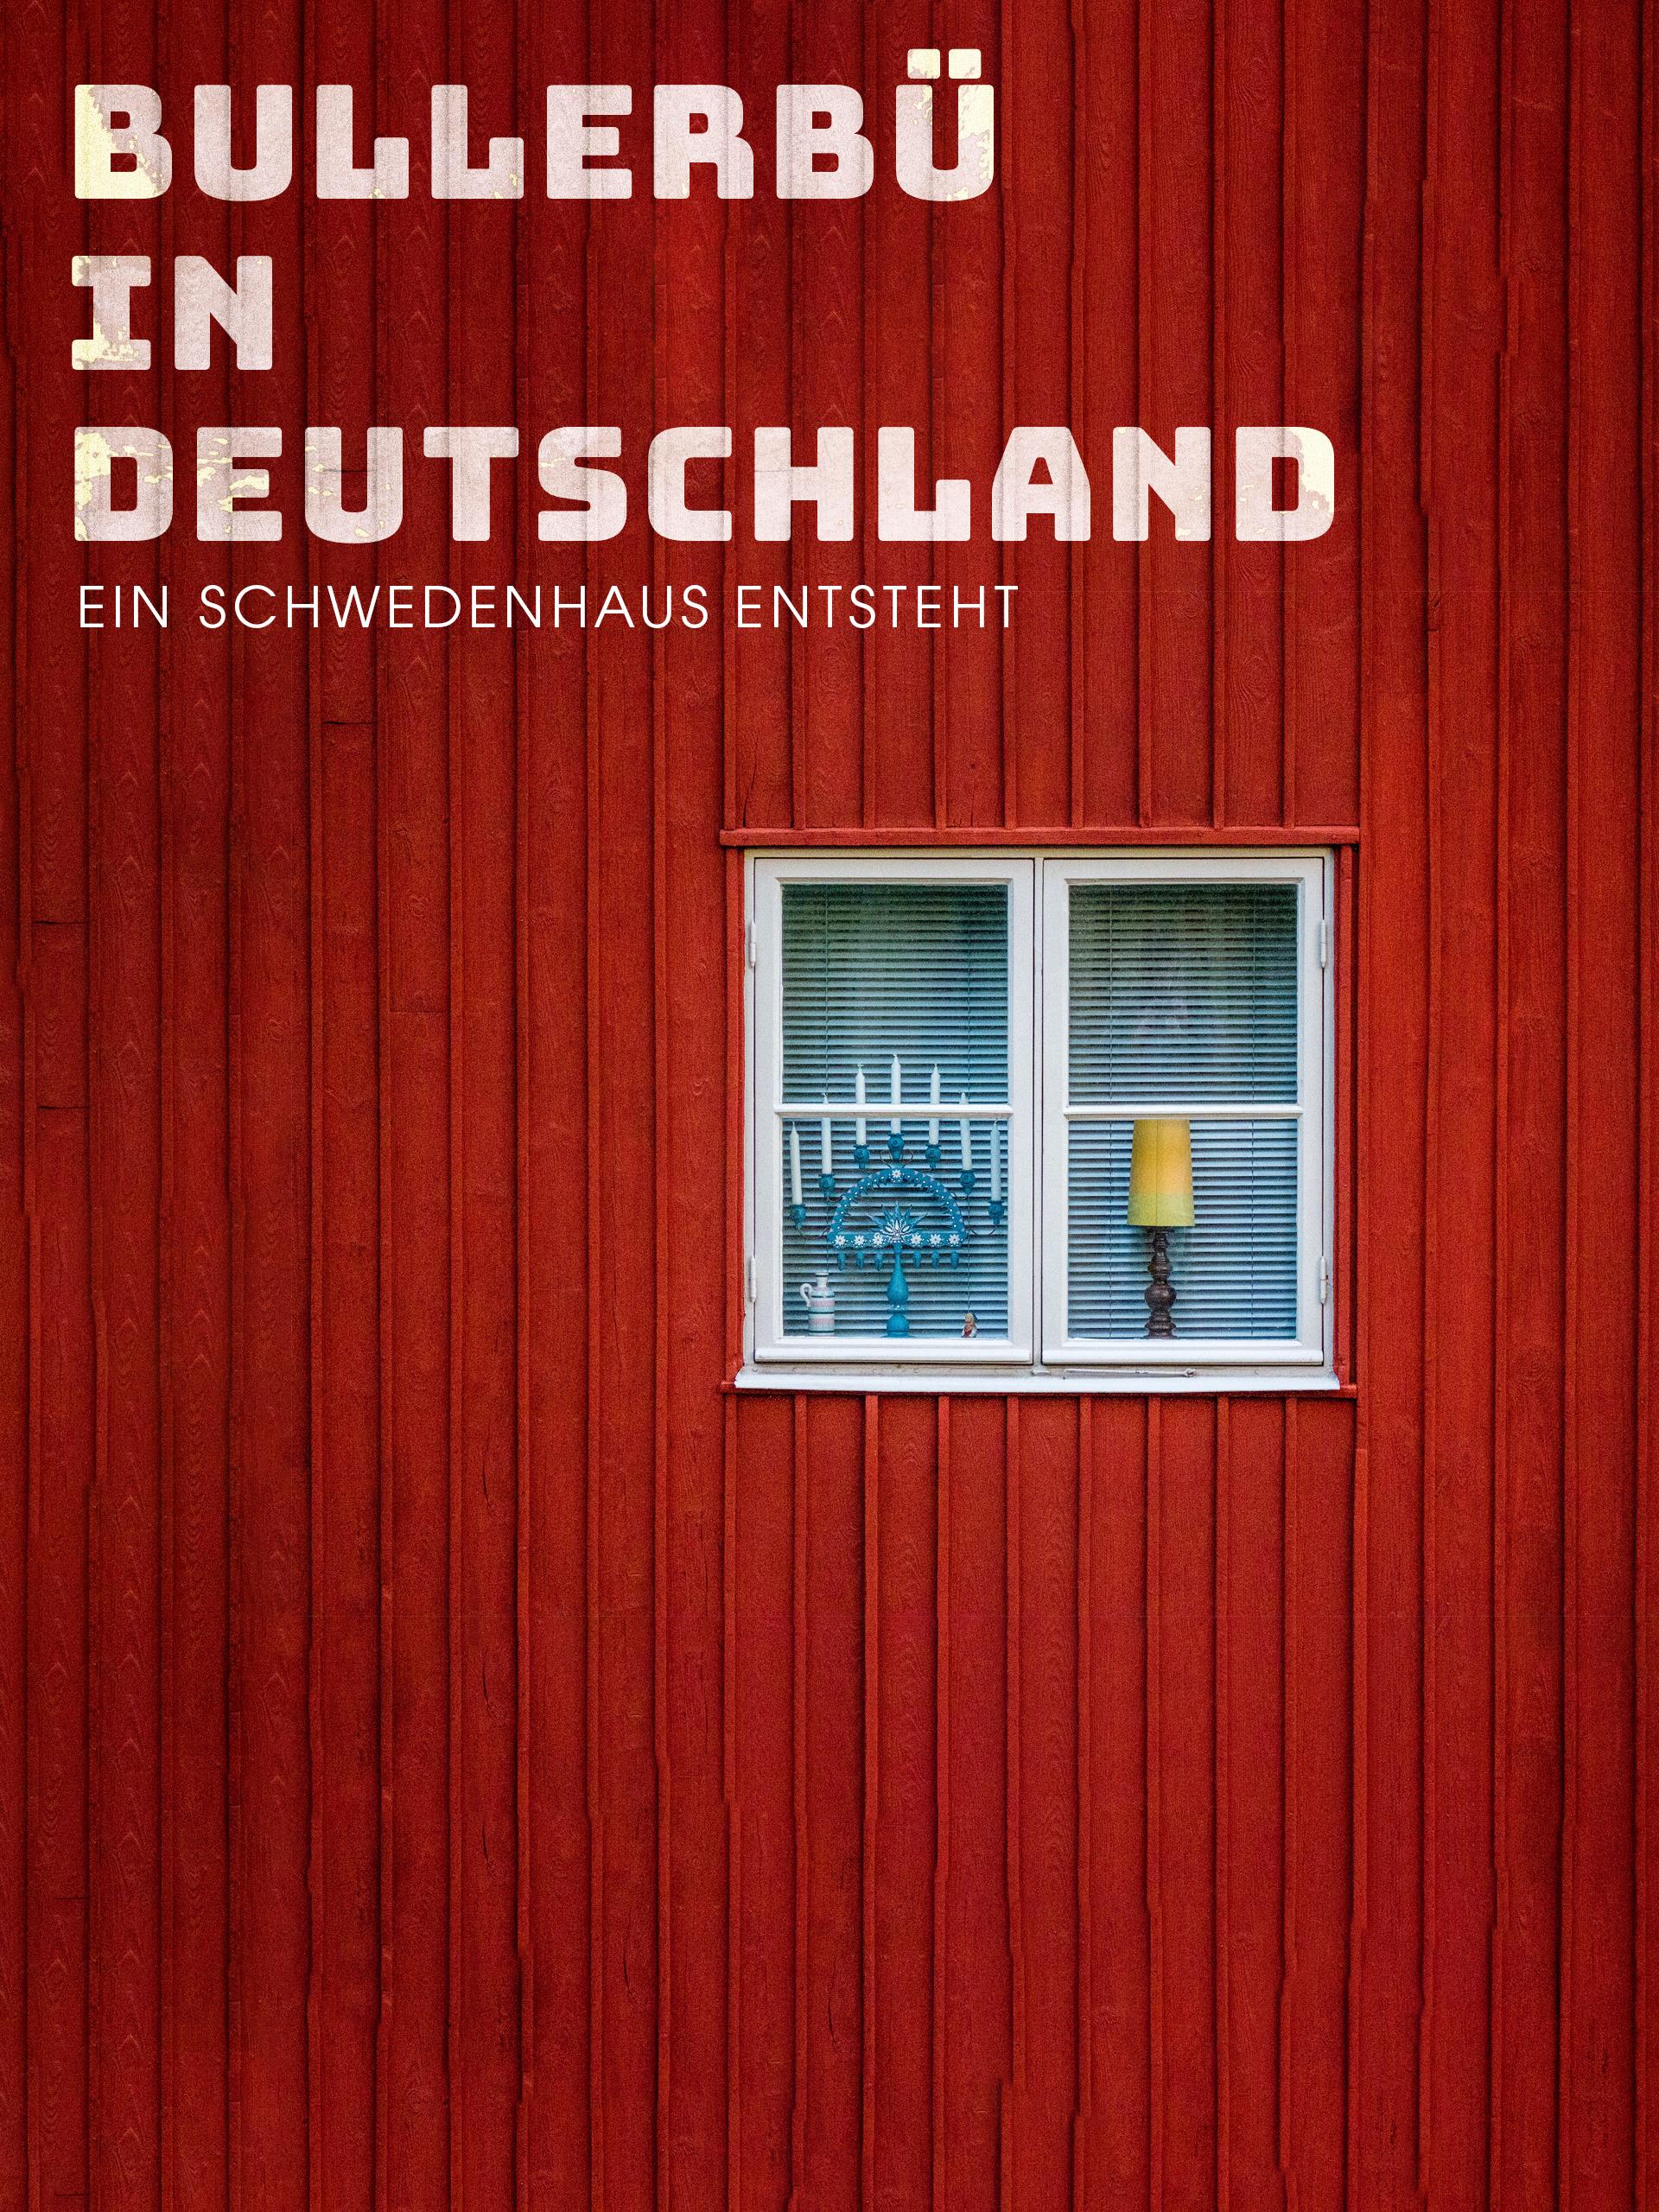 Bullerbü in Deutschland - Ein Schwedenhaus entsteht